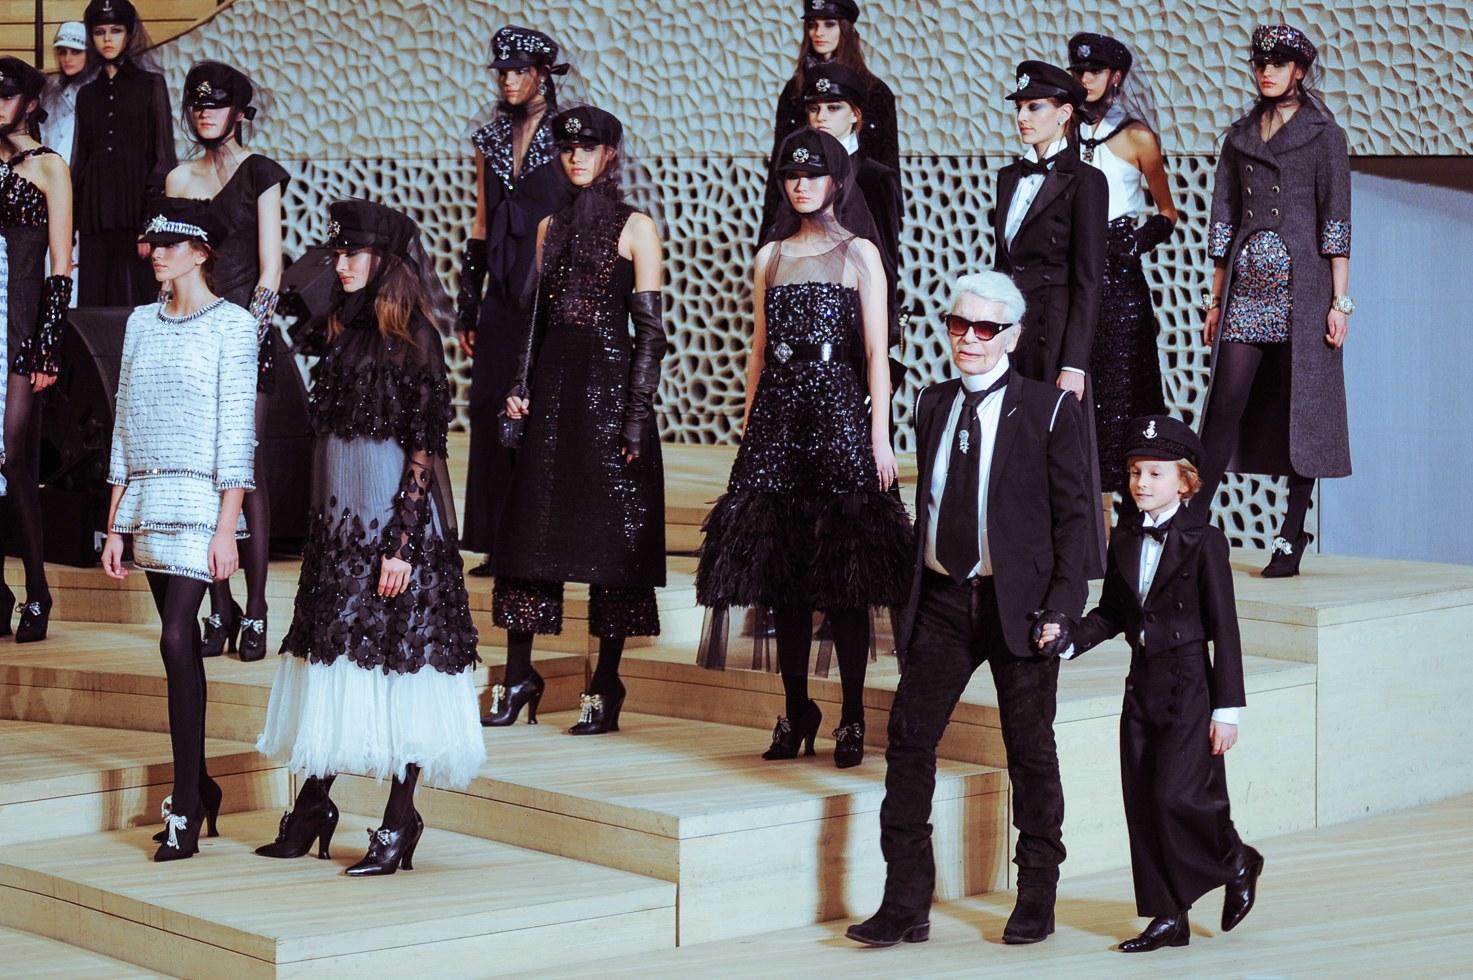 Tiếp tục xuất hiện trong show diễn mới nhất của Chanel được tổ chức tại thành phố Hamburg, Đức - Hudson Kroenig cho thấy sự nghiệp người mẫu của cậu chưa hề có dấu hiệu dừng lại.